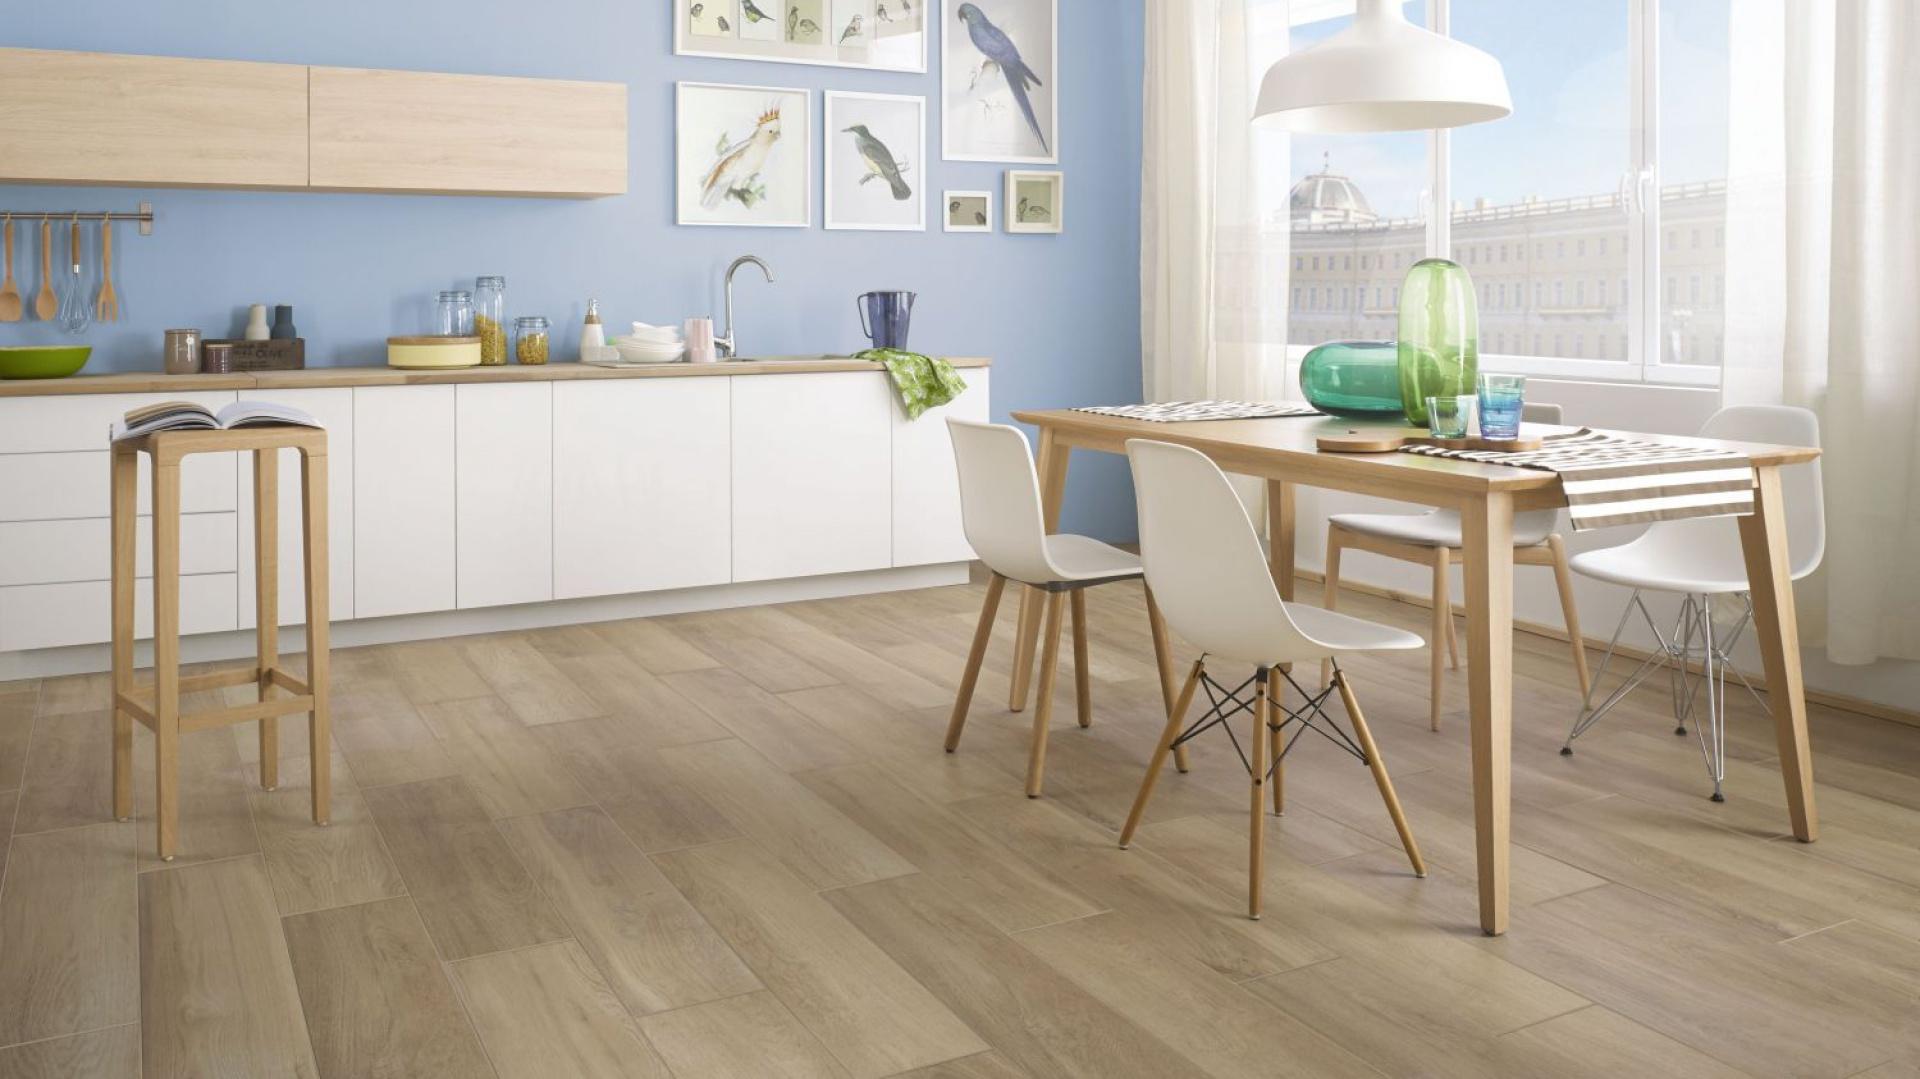 Płytki z kolekcji Maloe do złudzenia imitują swoim wyglądem naturalne drewno. Ich jasna, ciepła, przyjemna barwa jest przyjemna dla oka i wizualnie ociepla przestrzeń kuchni. Fot. Ceramika Paradyż.